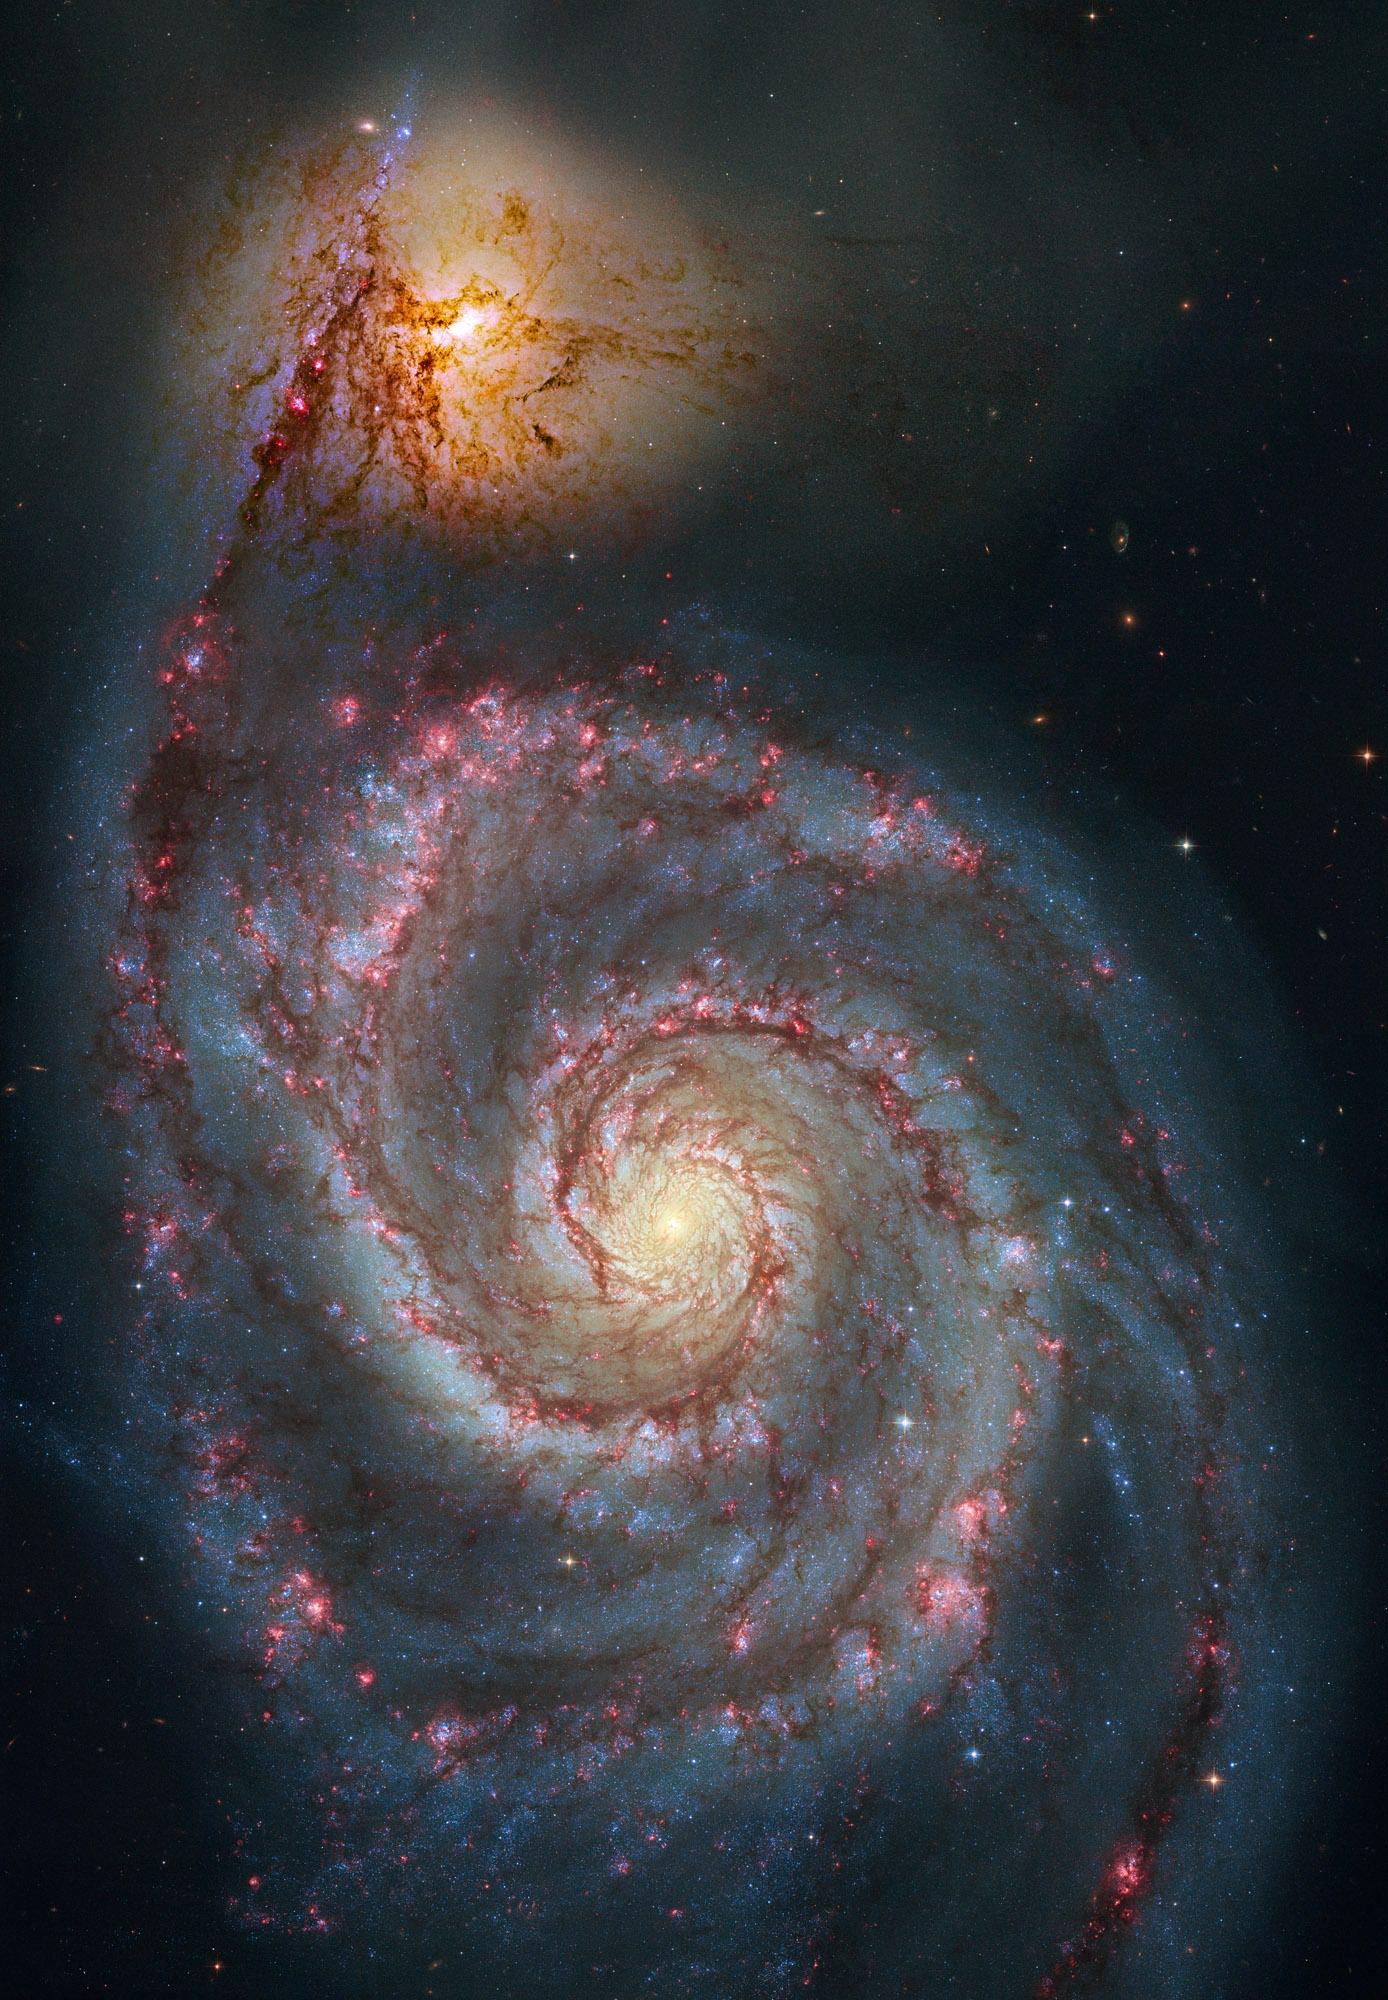 nebula galaxy astronomy - photo #32